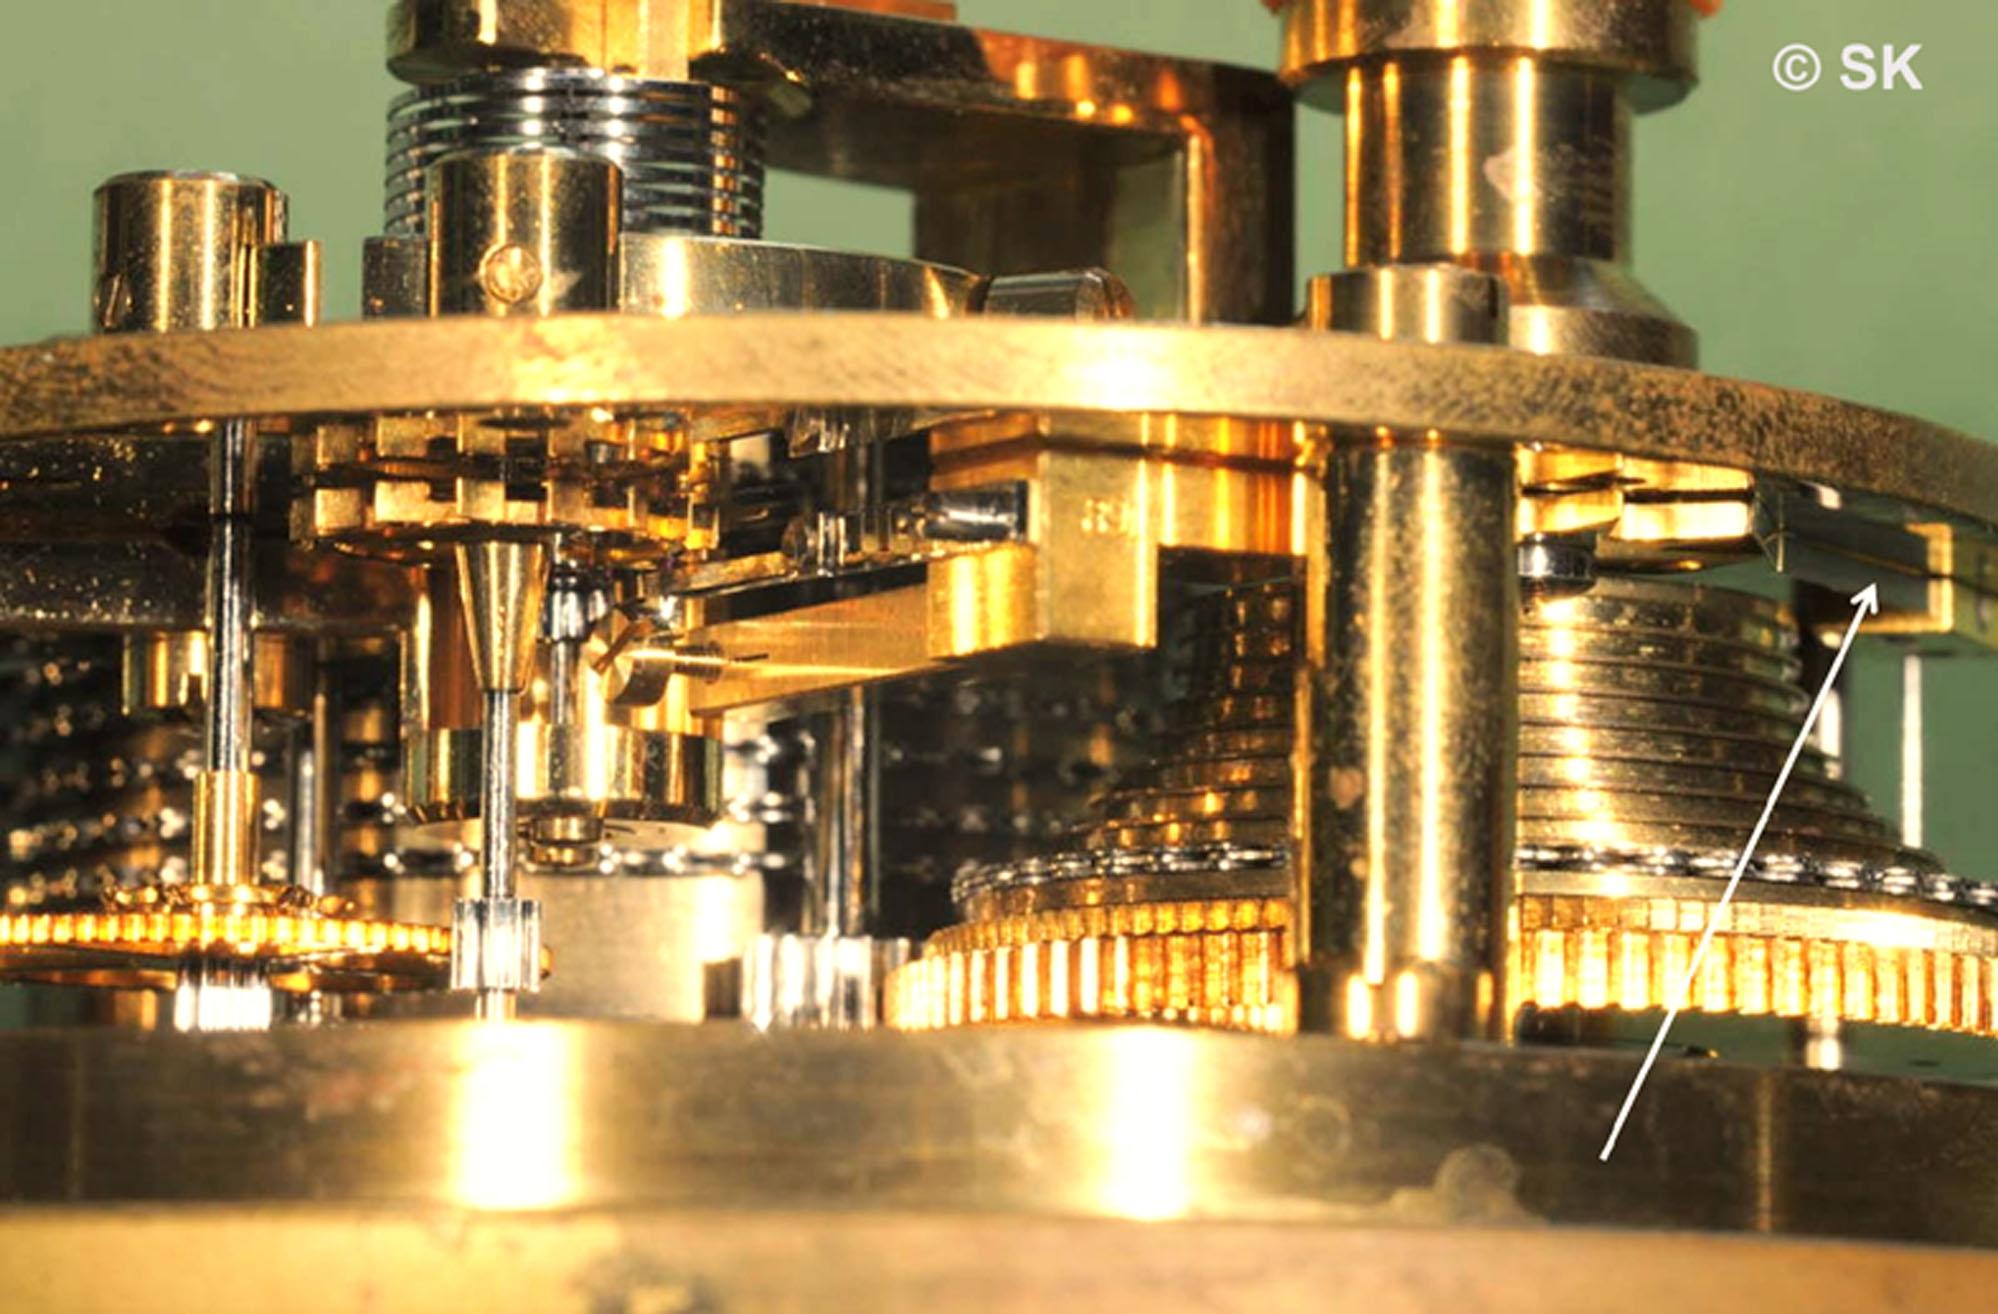 Der Pfeil zeigt auf das Teil, welches erst bei den Marinechronometern vorhanden ist, die in der Fertigung auf Zugband umgestellt waren